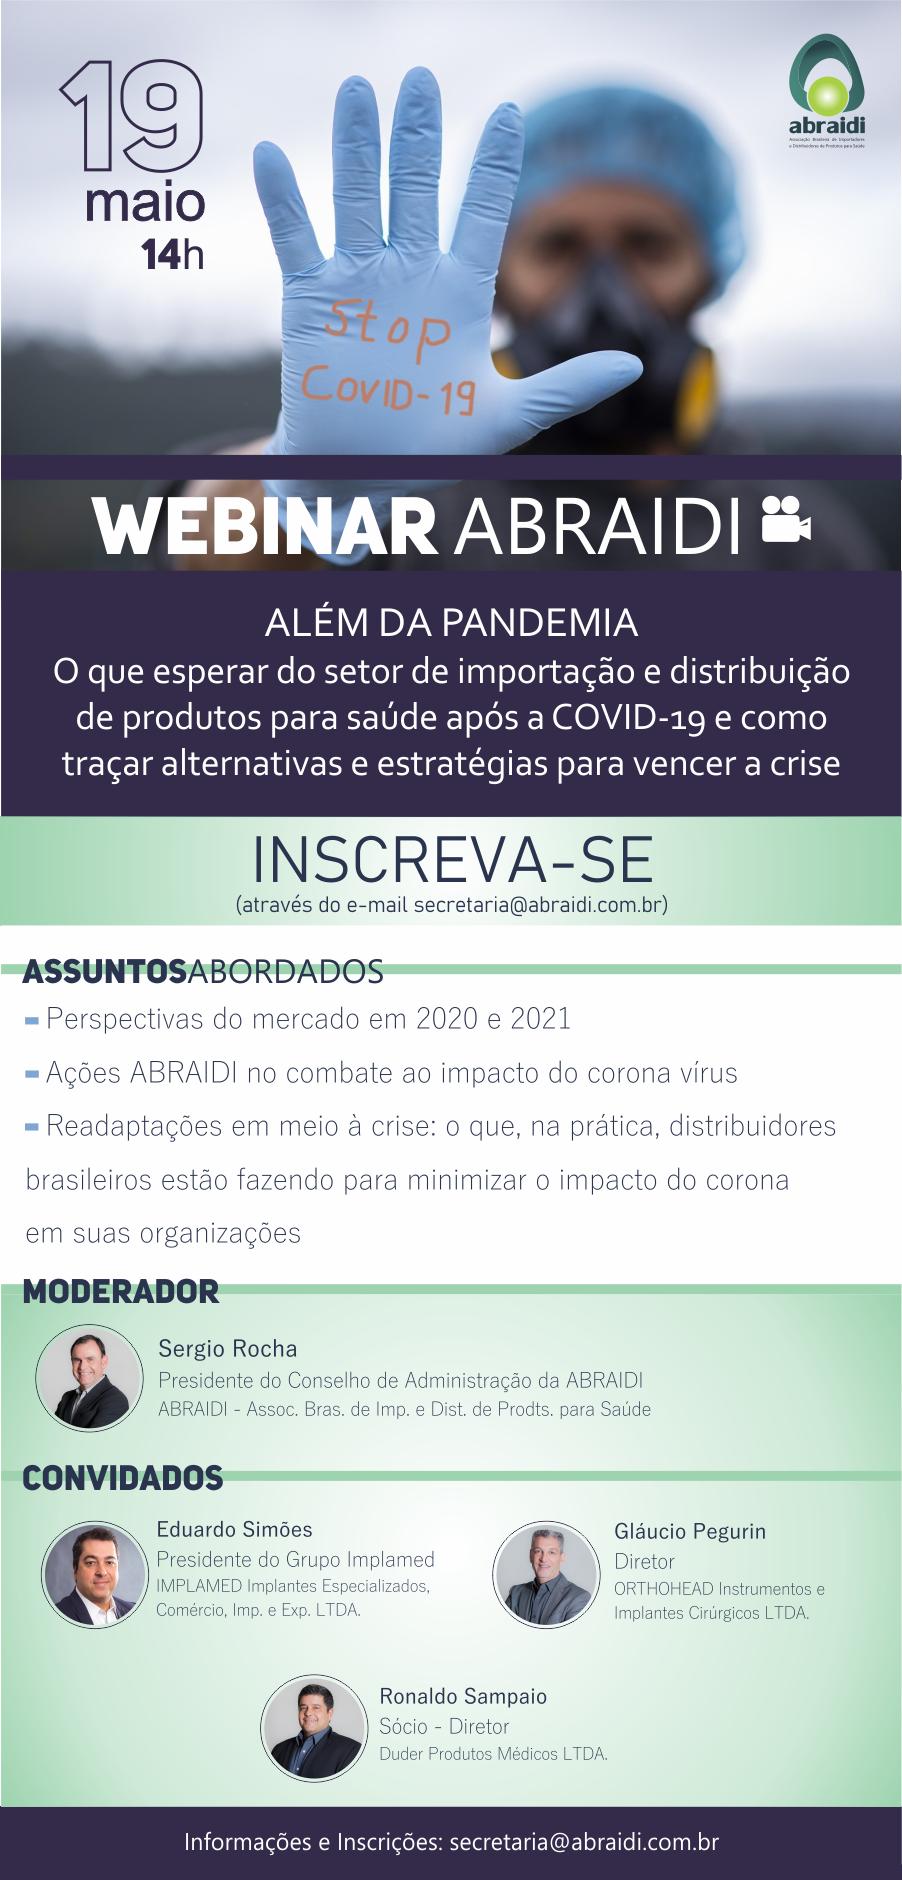 ABRAIDI realiza Webinar sobre importação e distribuição de produtos após Covid-19 2